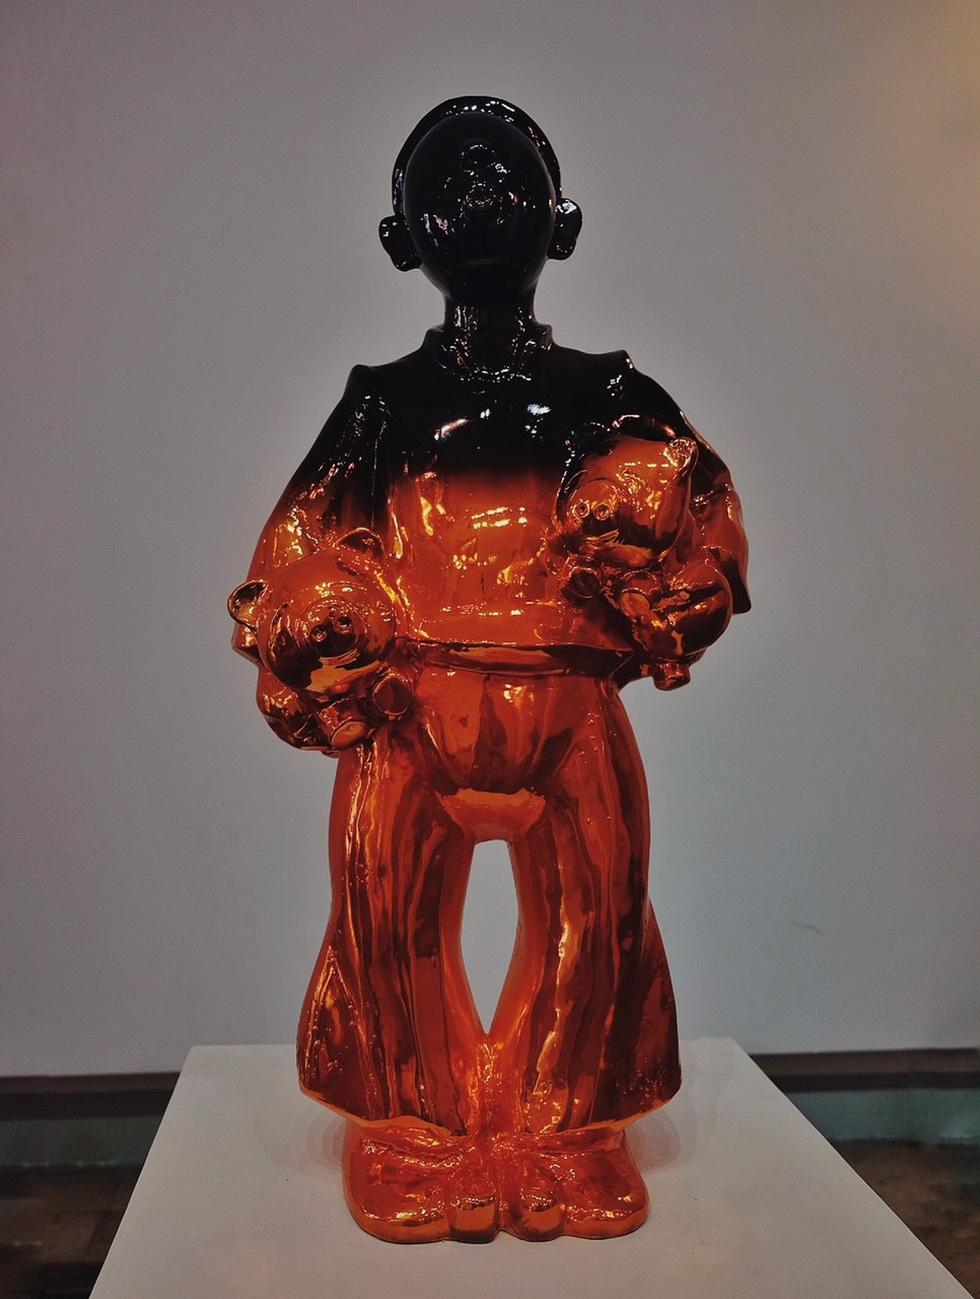 Triển lãm điêu khắc Sài Gòn - Hà Nội: Heo lên ngôi trong năm Kỷ Hợi - Ảnh 4.